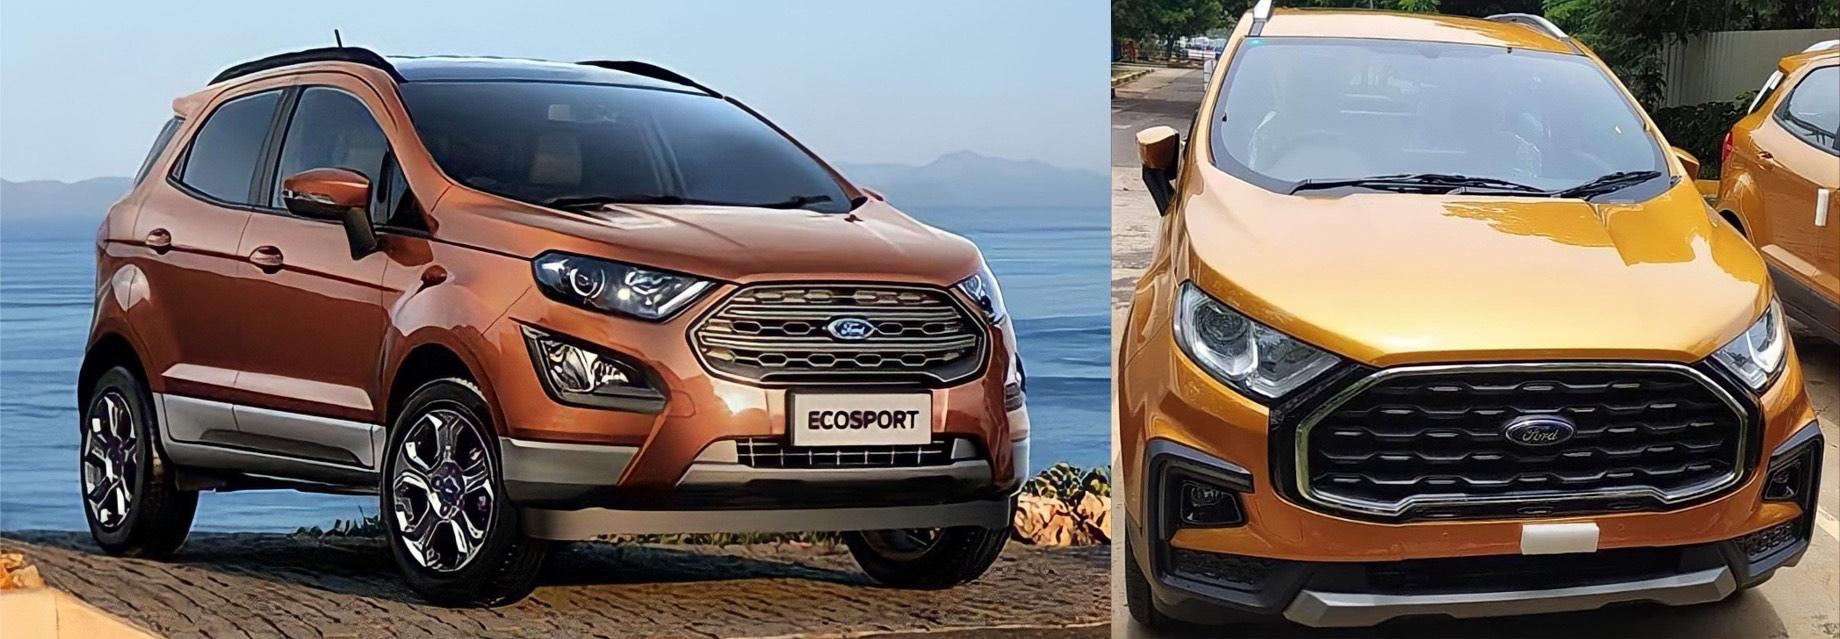 Субкомпакт Ford EcoSport оказался на грани исчезновения